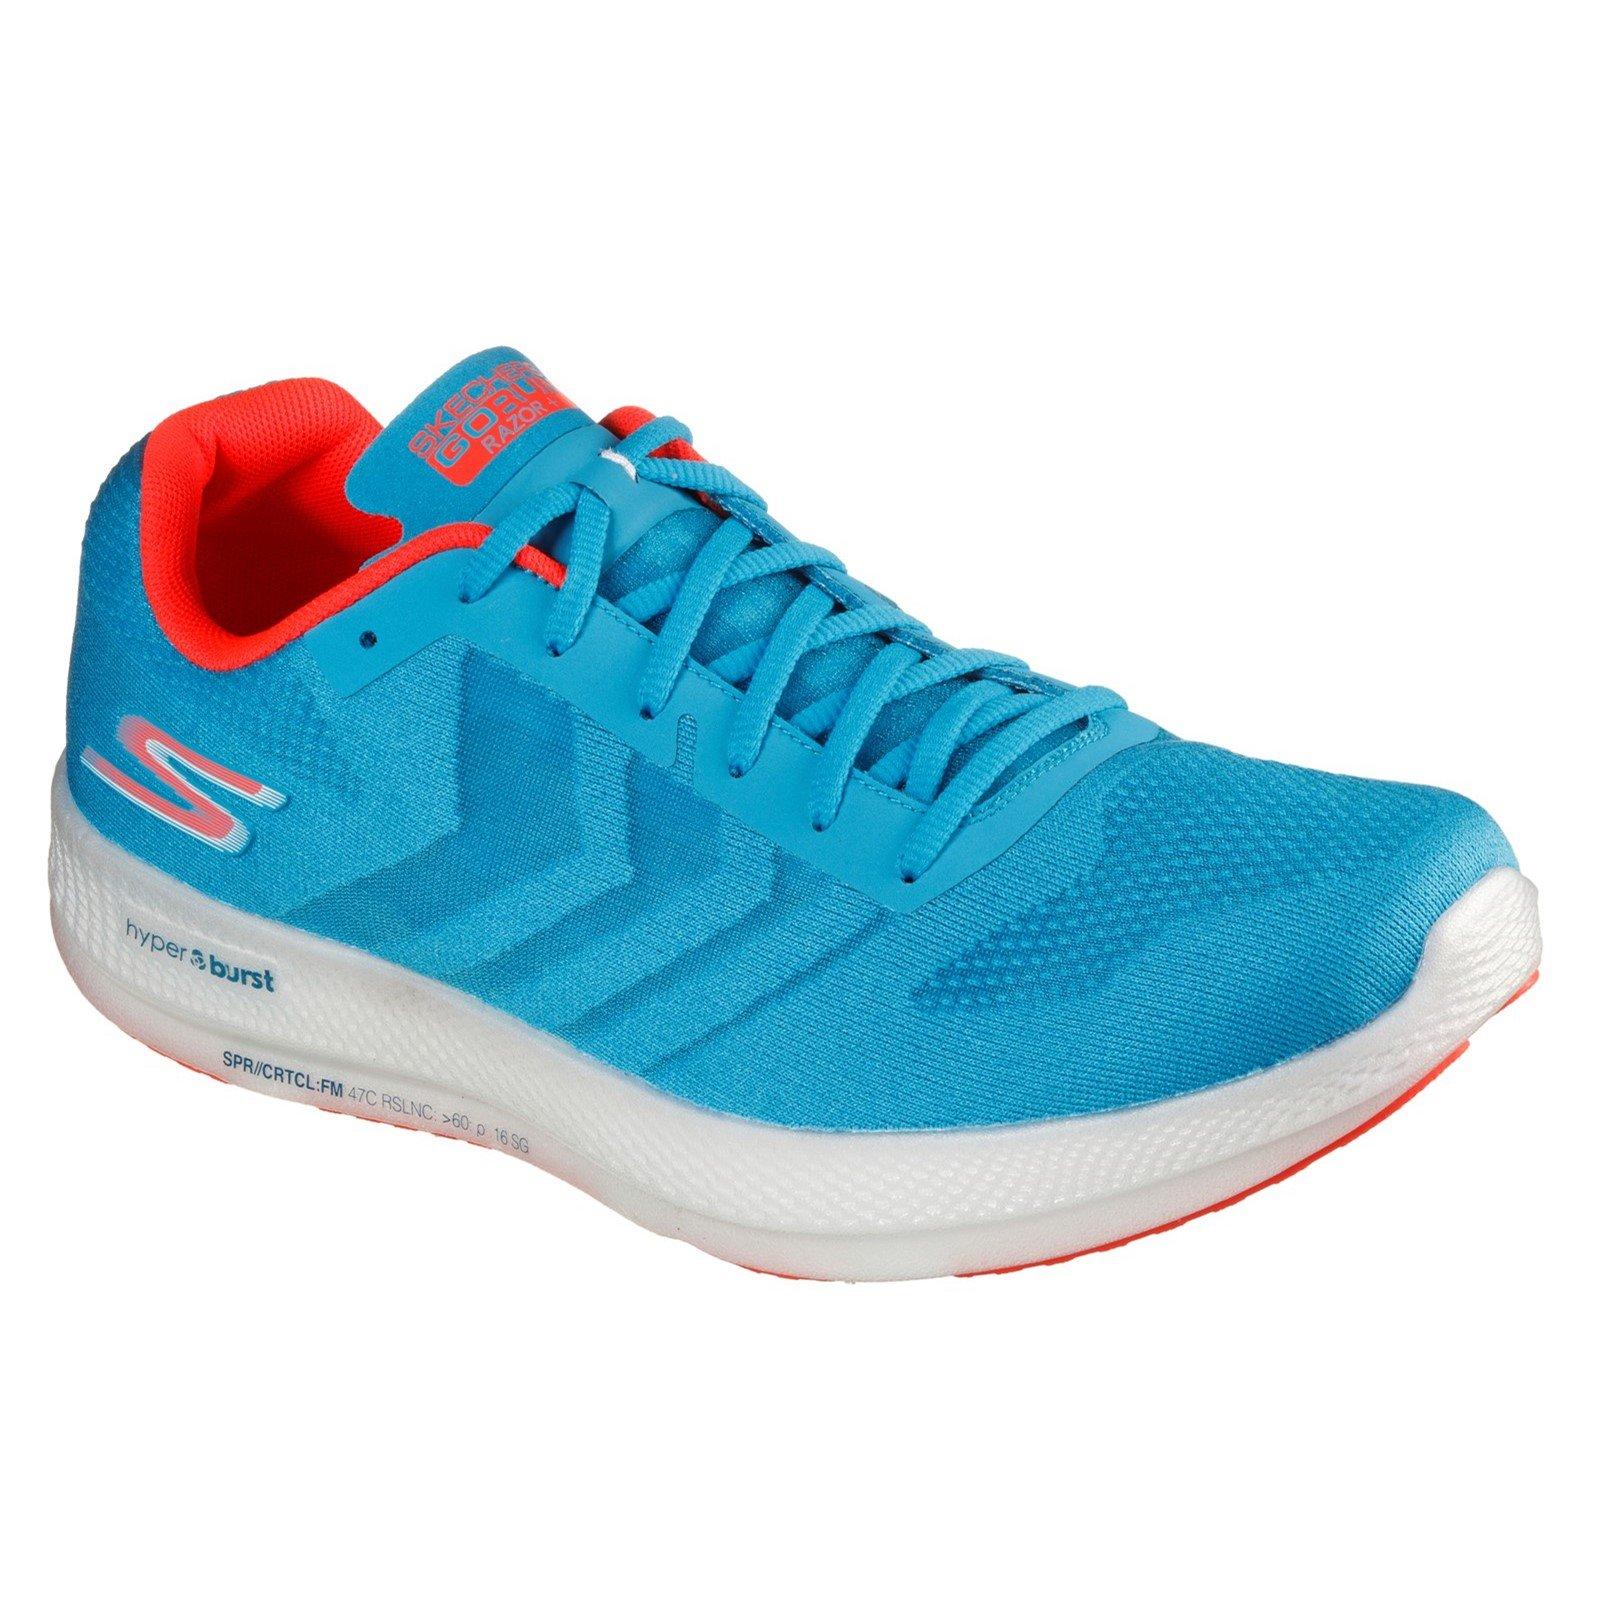 Skechers Men's Go Run Razor Trainer Multicolor 32699 - Blue/Coral 7